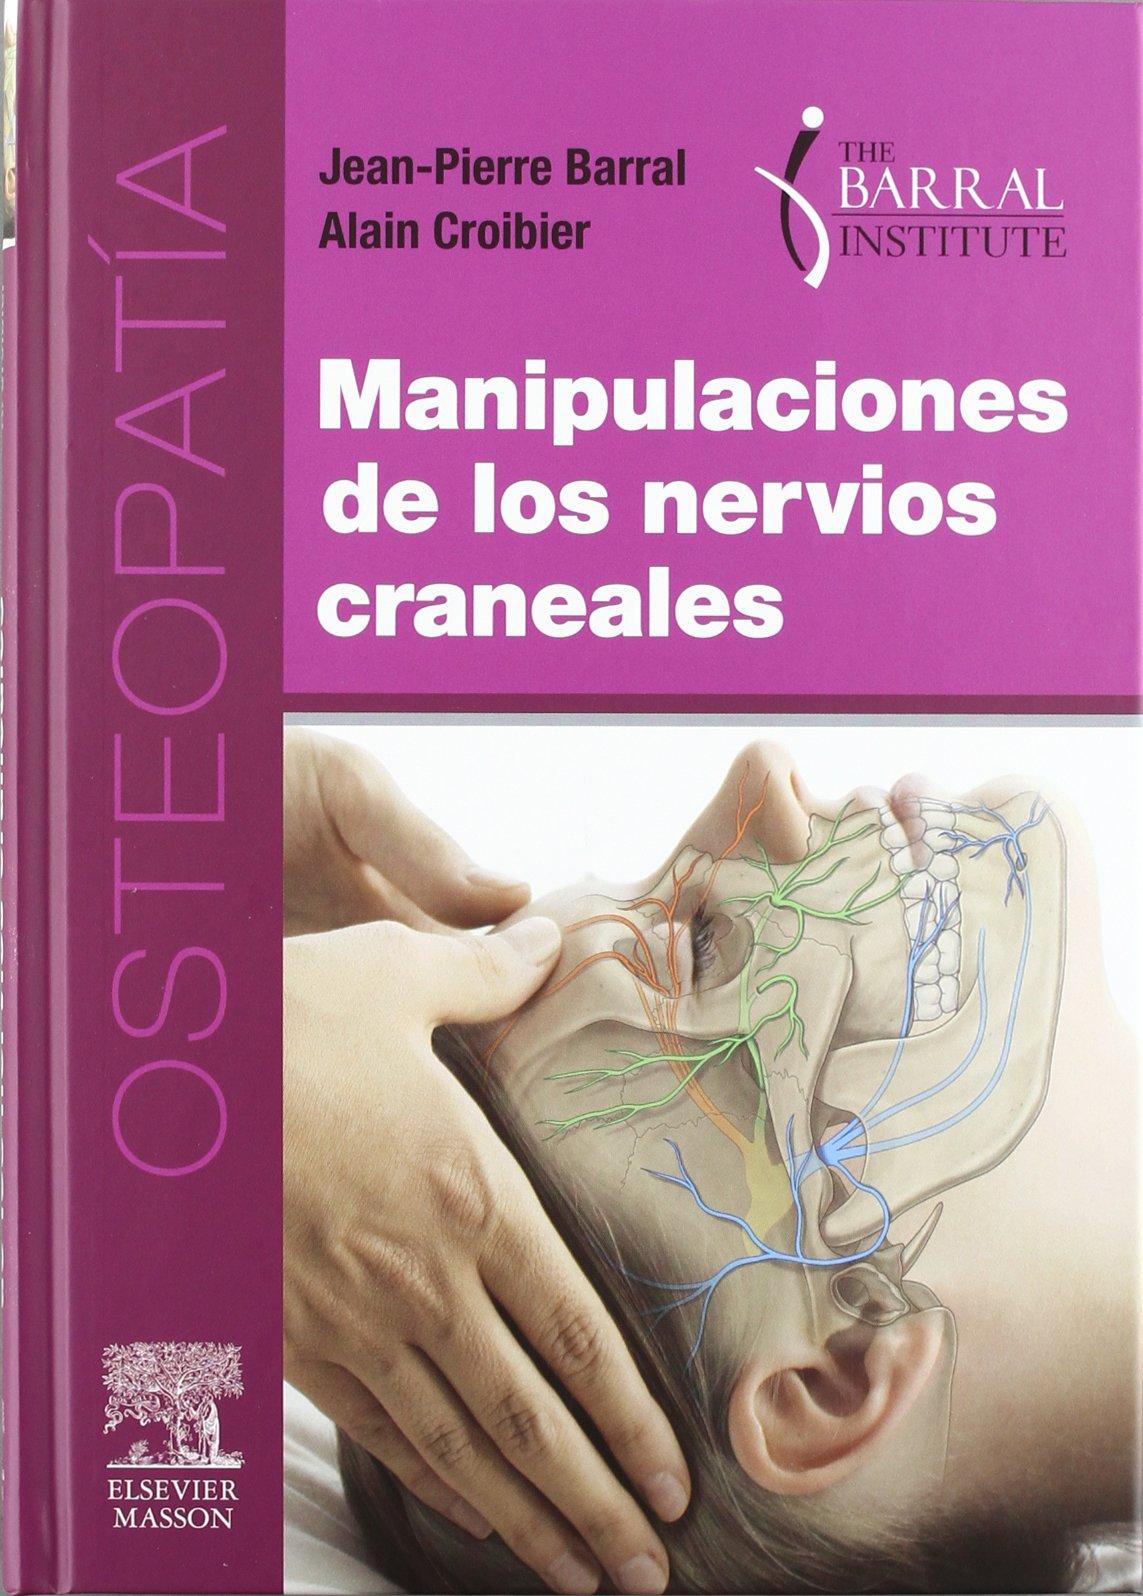 Manipulaciones de los nervios craneales: Amazon.es: J.-P. Barral: Libros